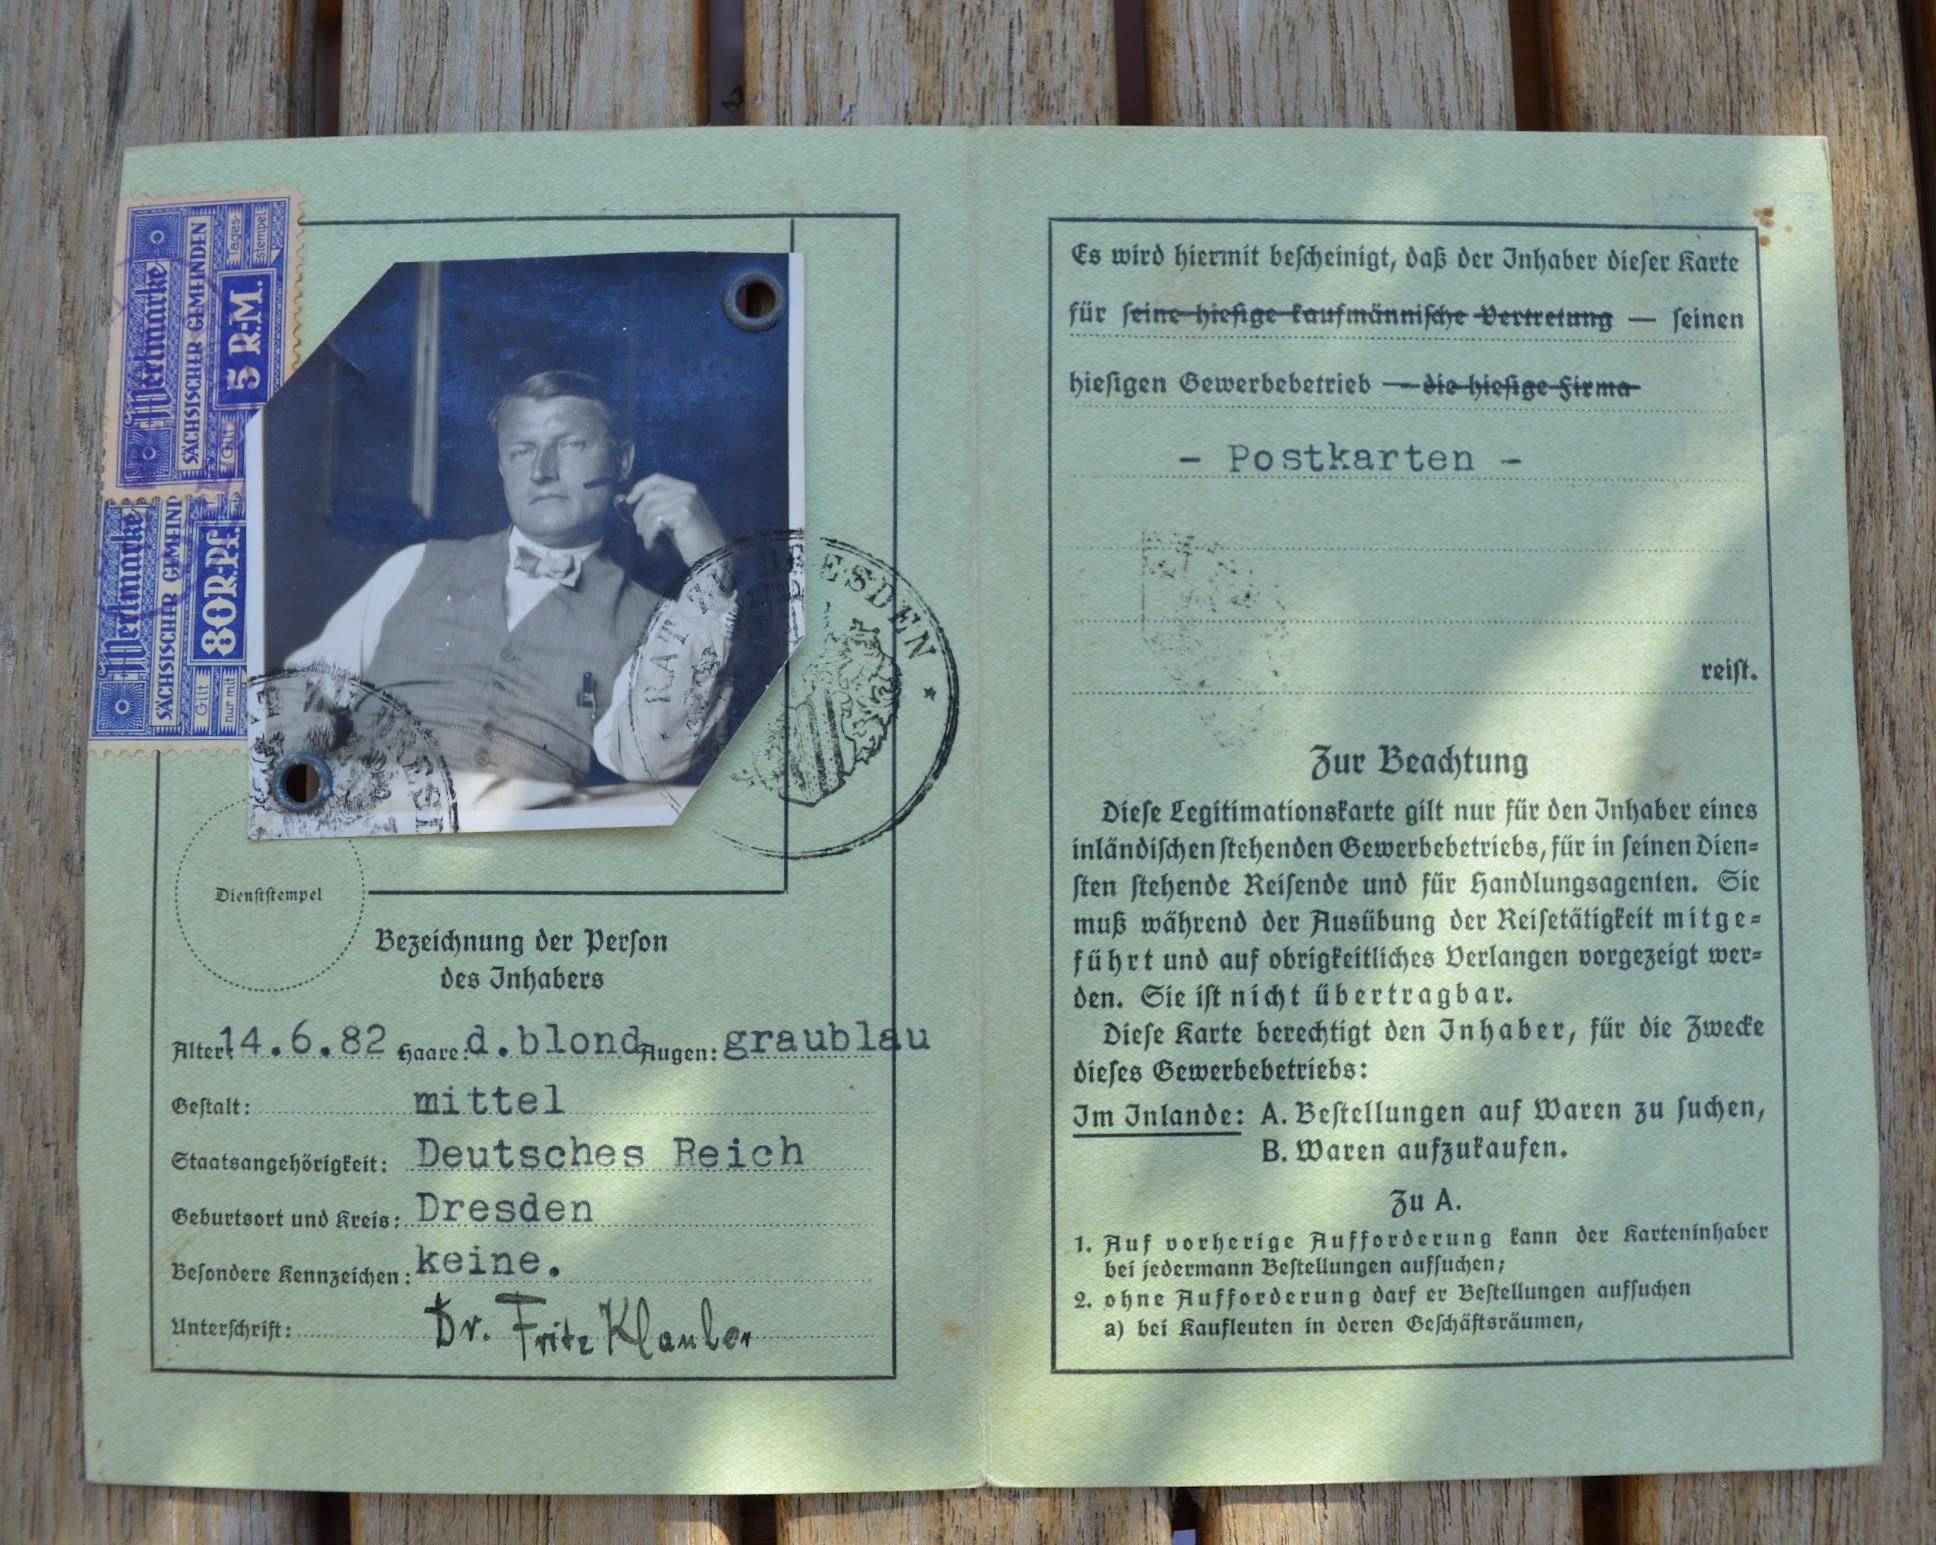 Legitimationskarte Dr. Fritz Klauber - Postkartenverkäufer und Handlungsreisender - 1935